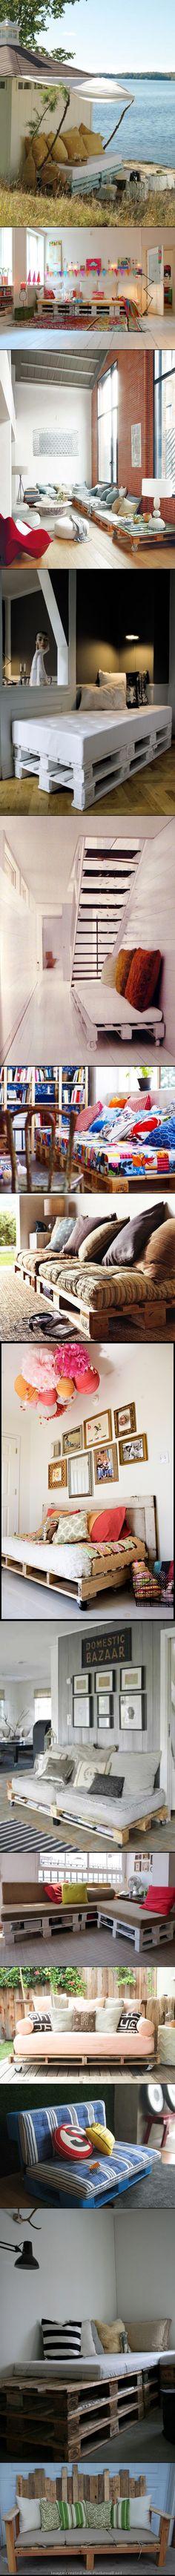 Home Decor DIY TOP-15 PALLET SOFA IDEAS